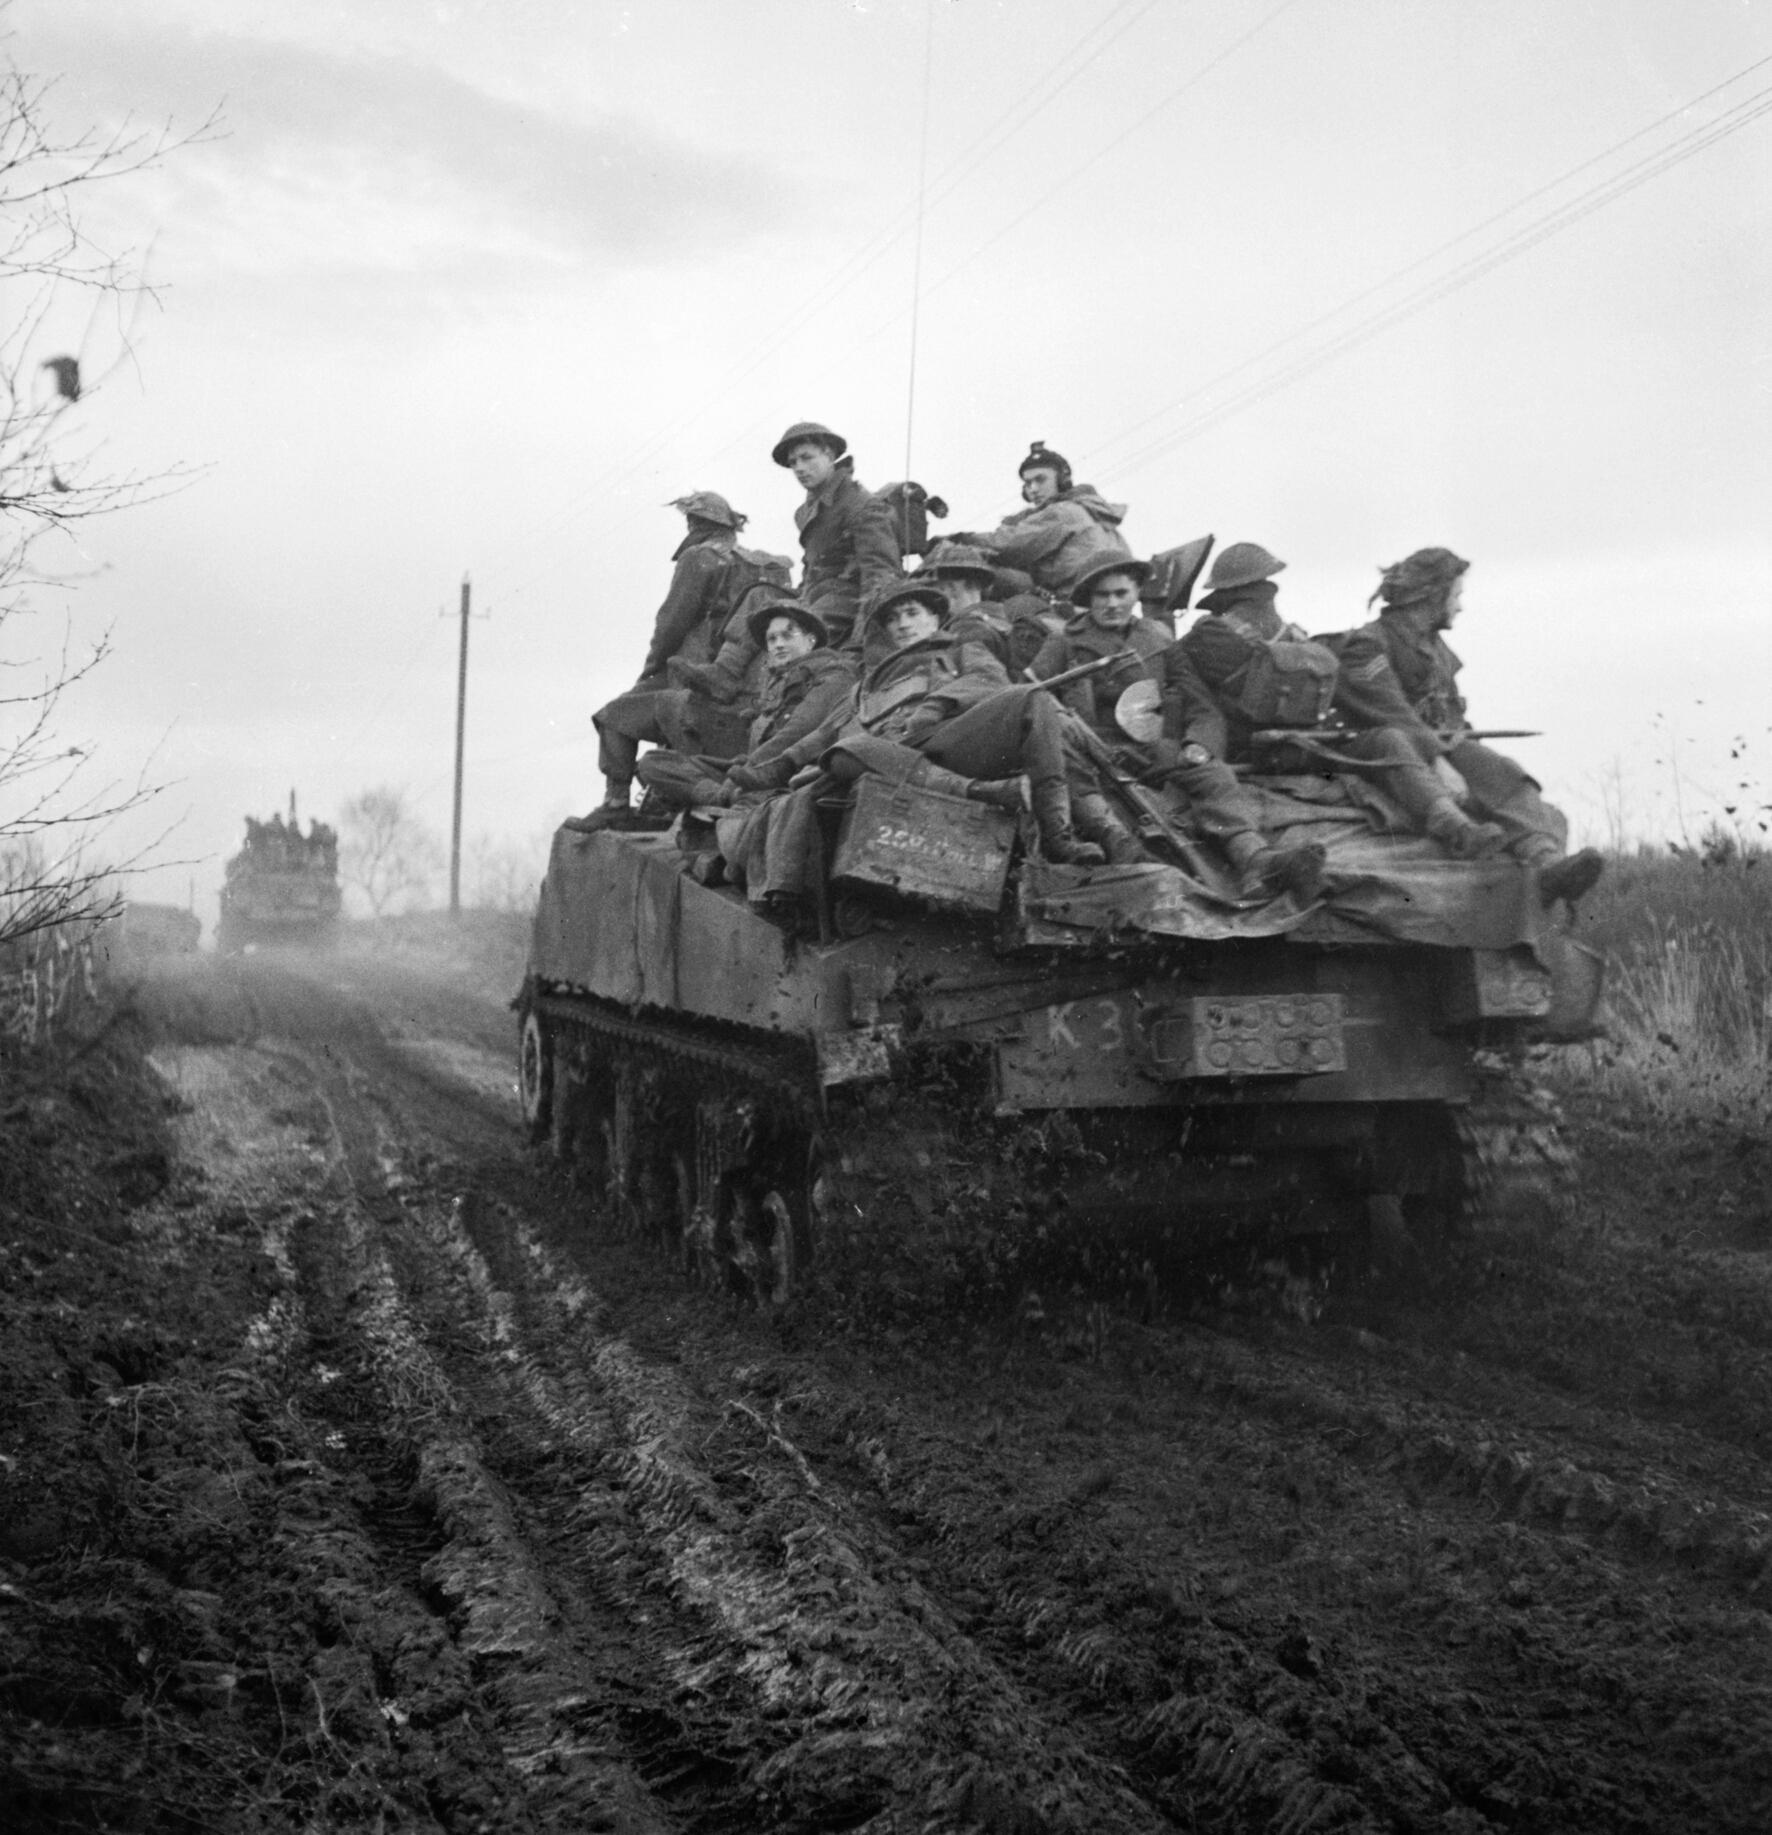 Infantrymen on a Sherman tank